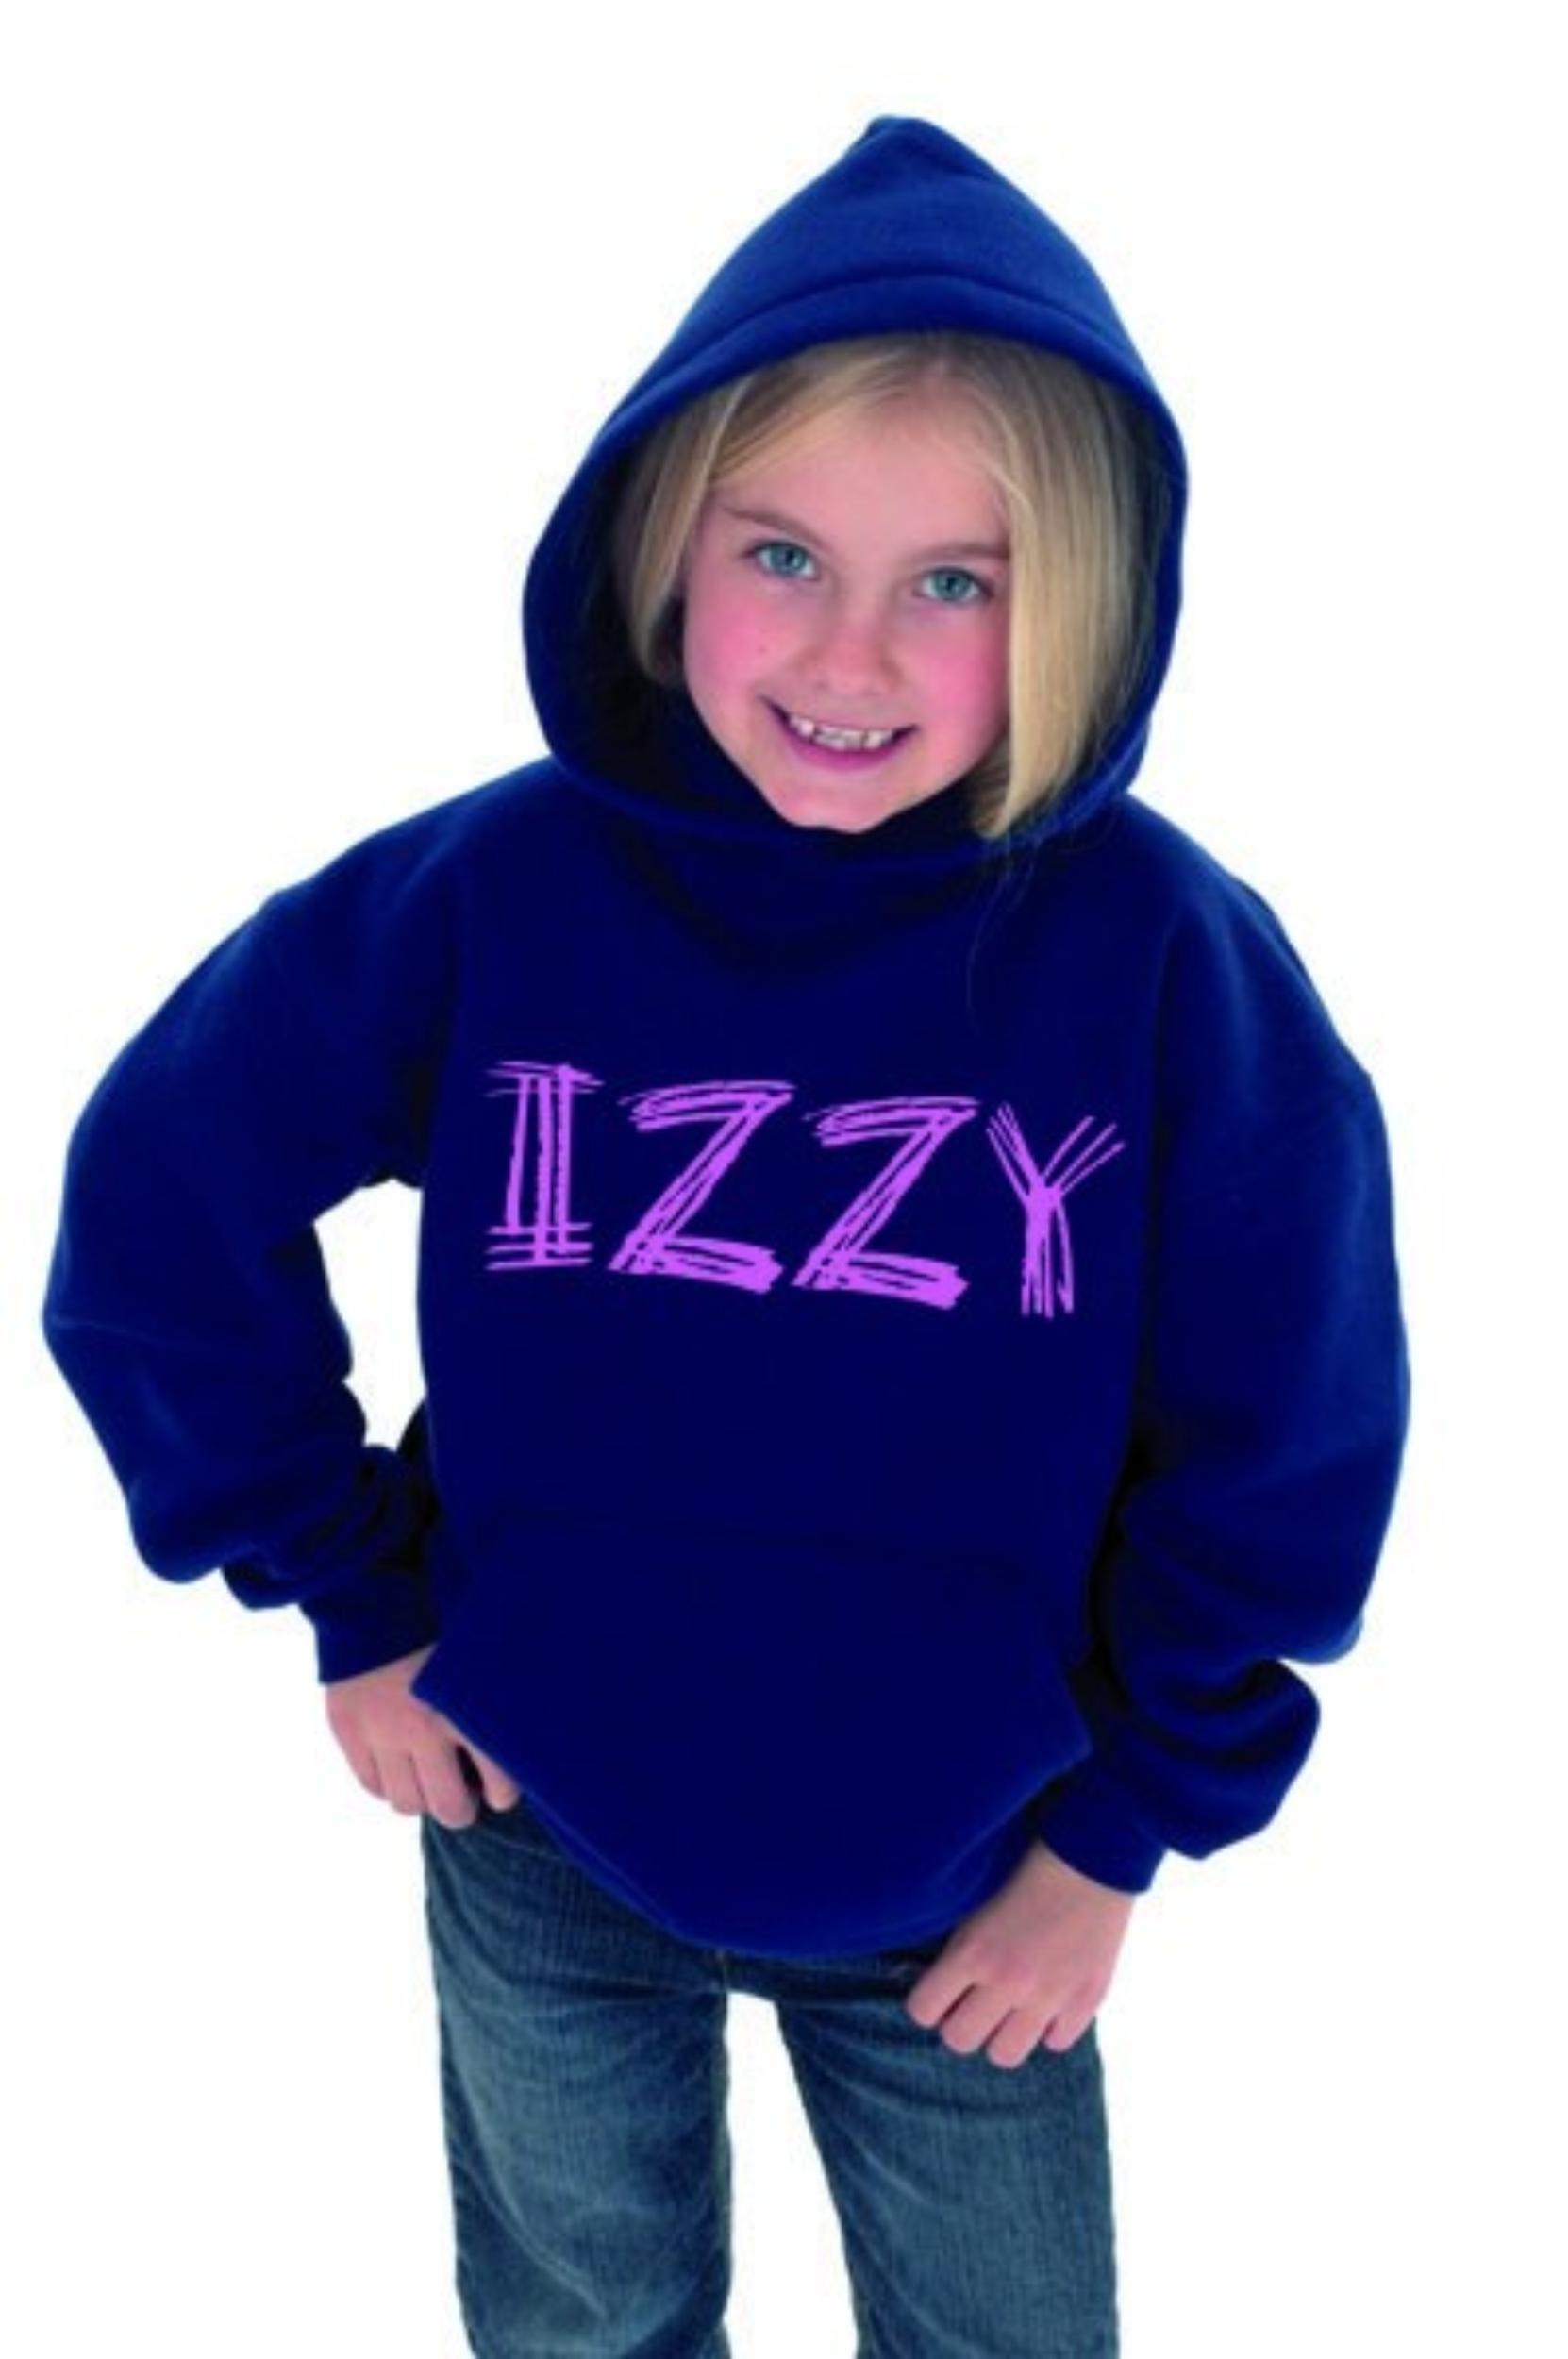 Personalised Children's Hoodies